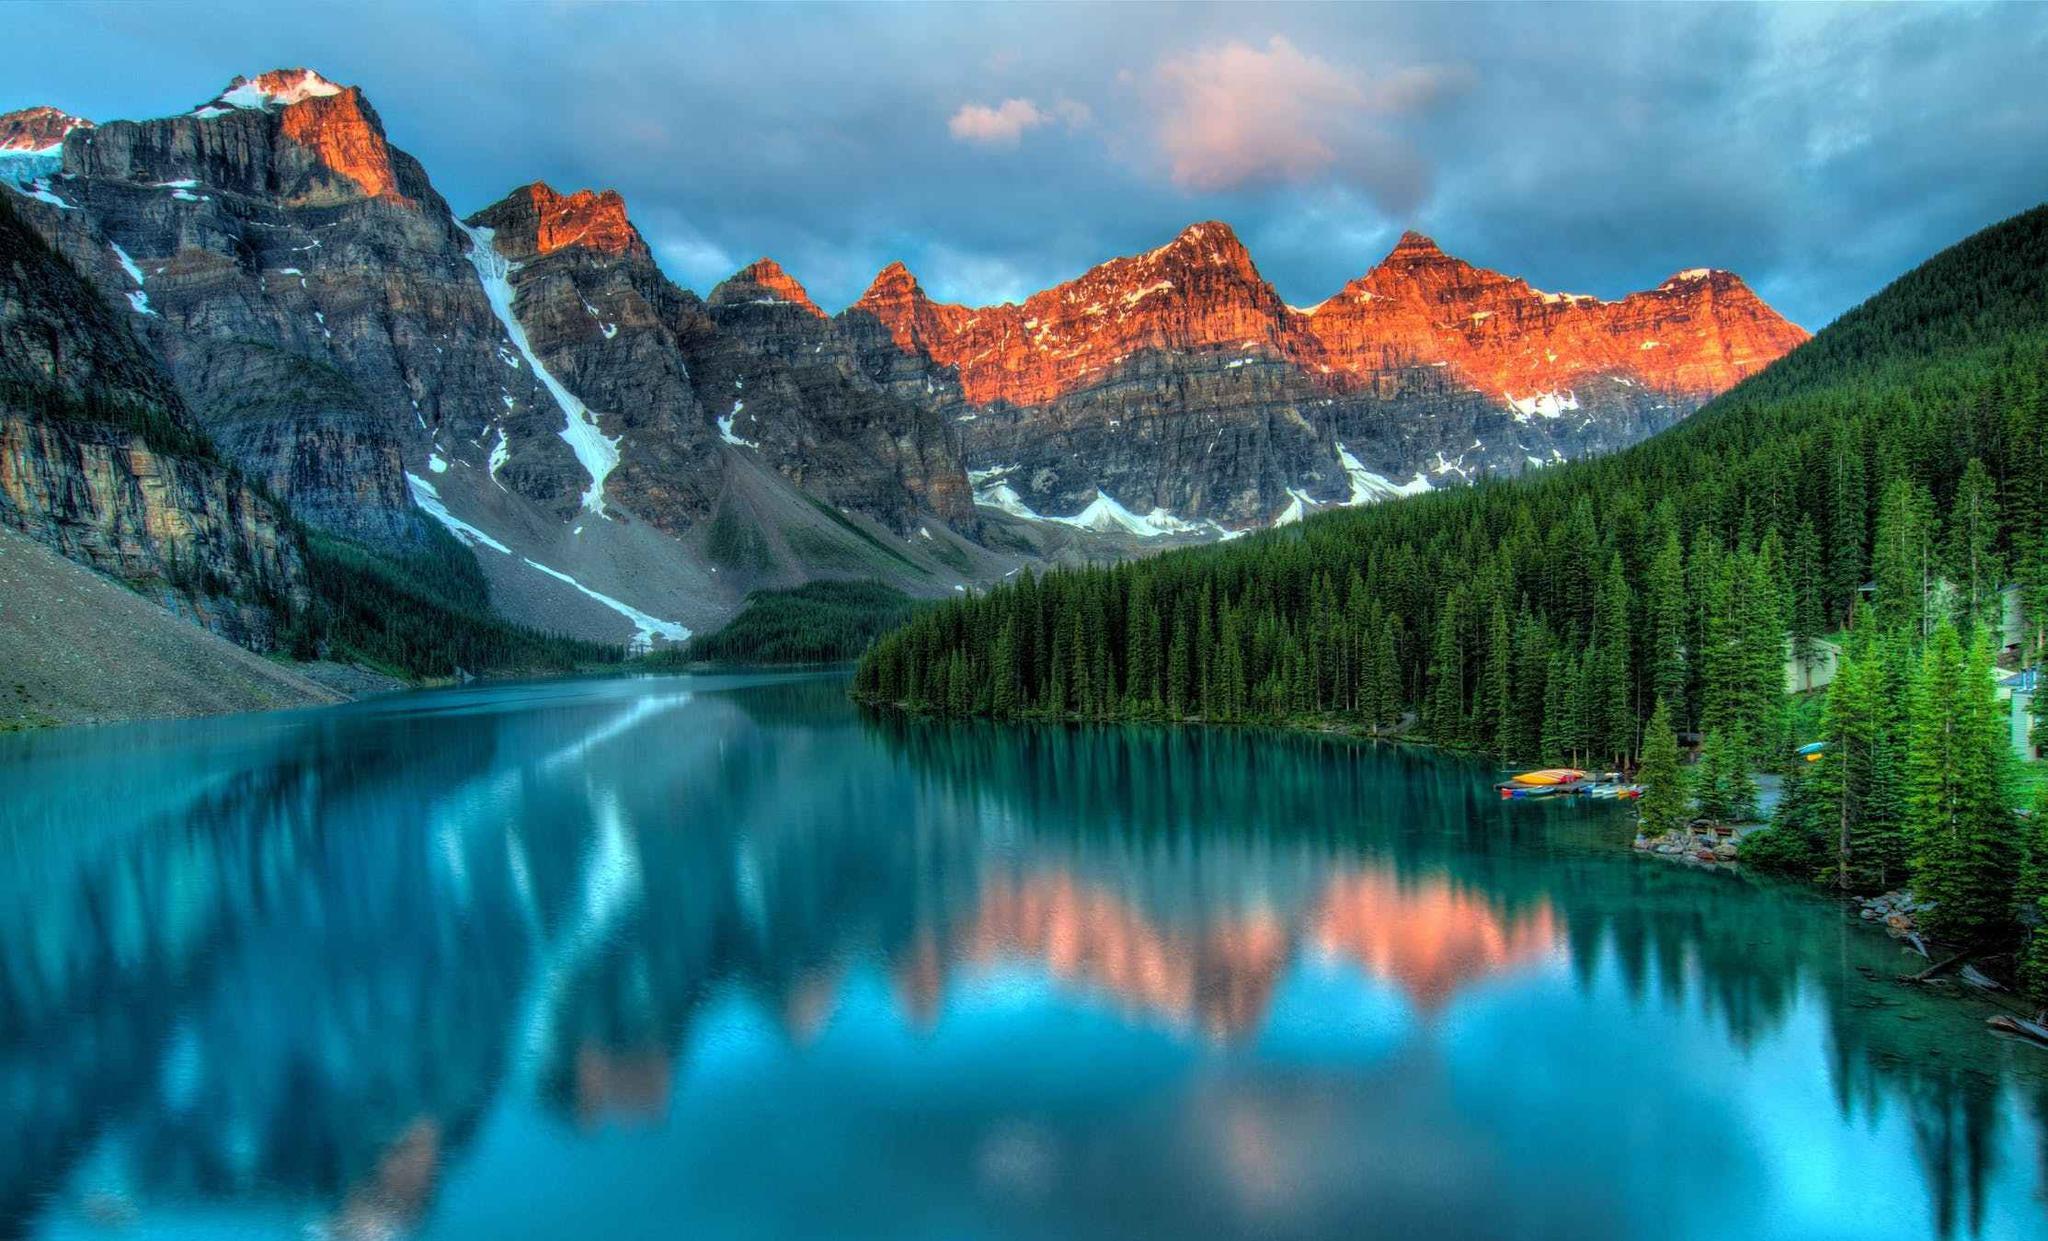 最美大自然与世隔绝的绝美风光合集